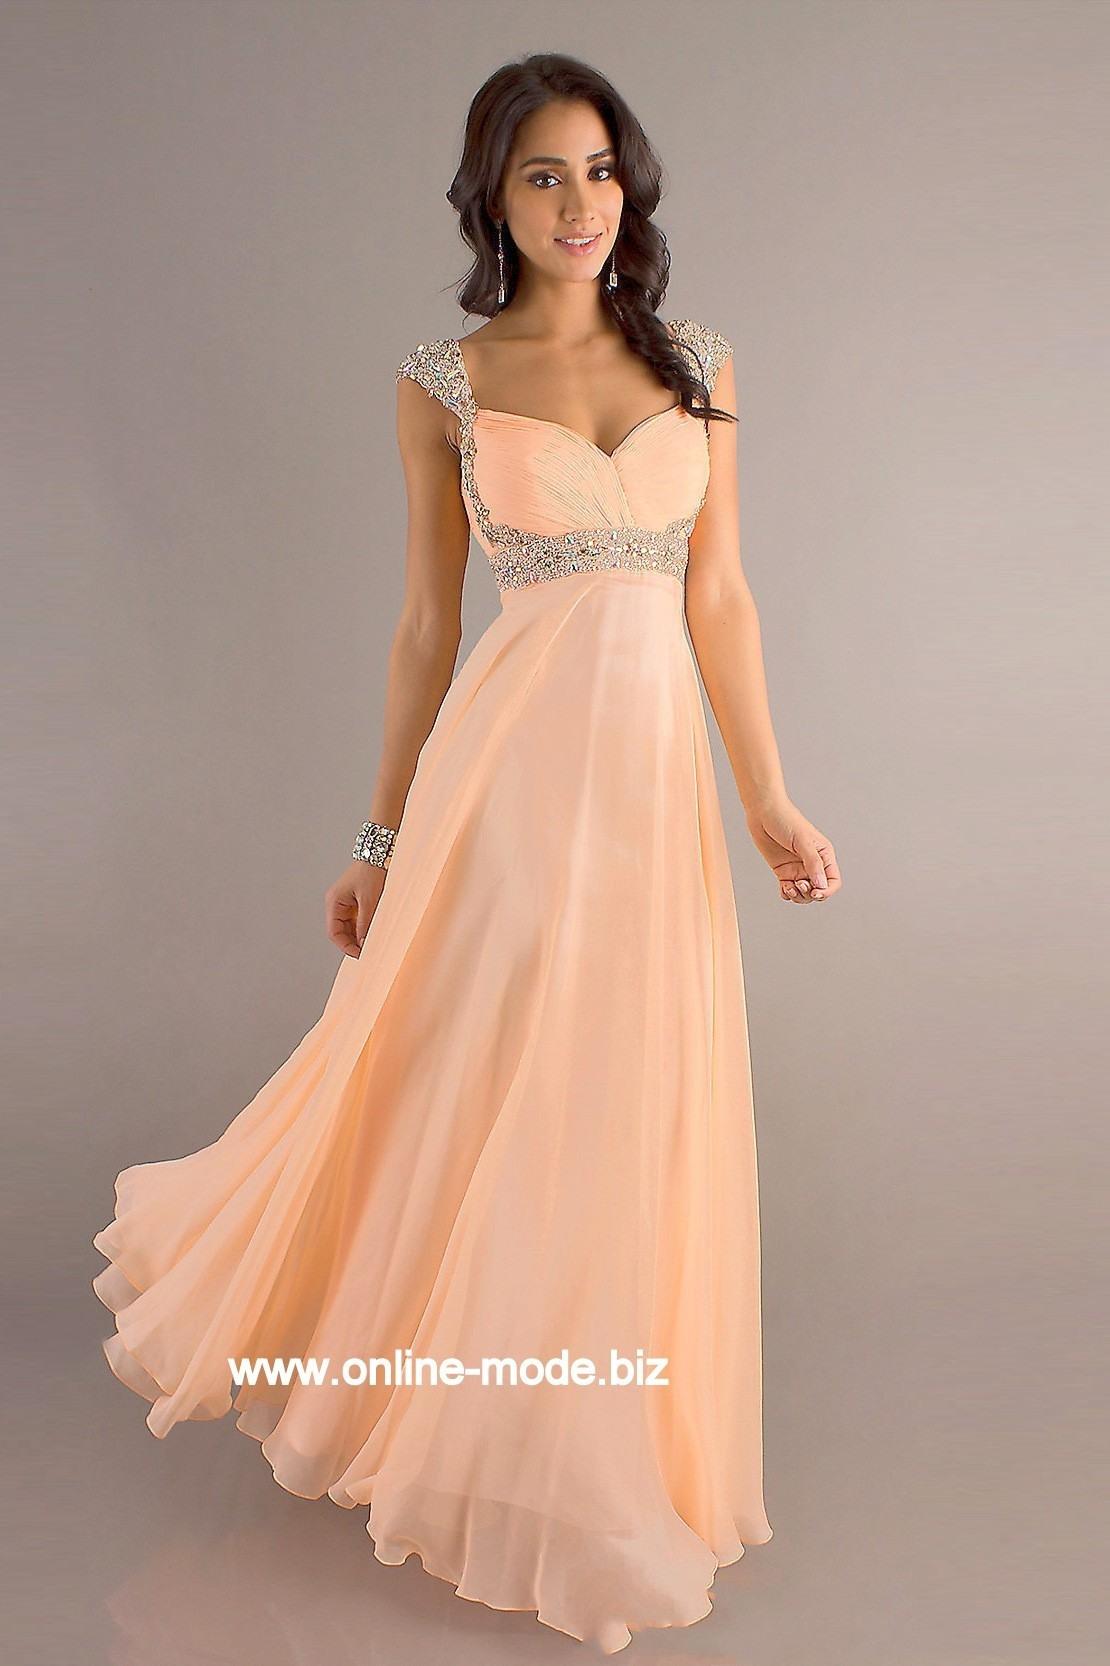 Abend Perfekt C& Abendkleider Ärmel17 Fantastisch C& Abendkleider Stylish